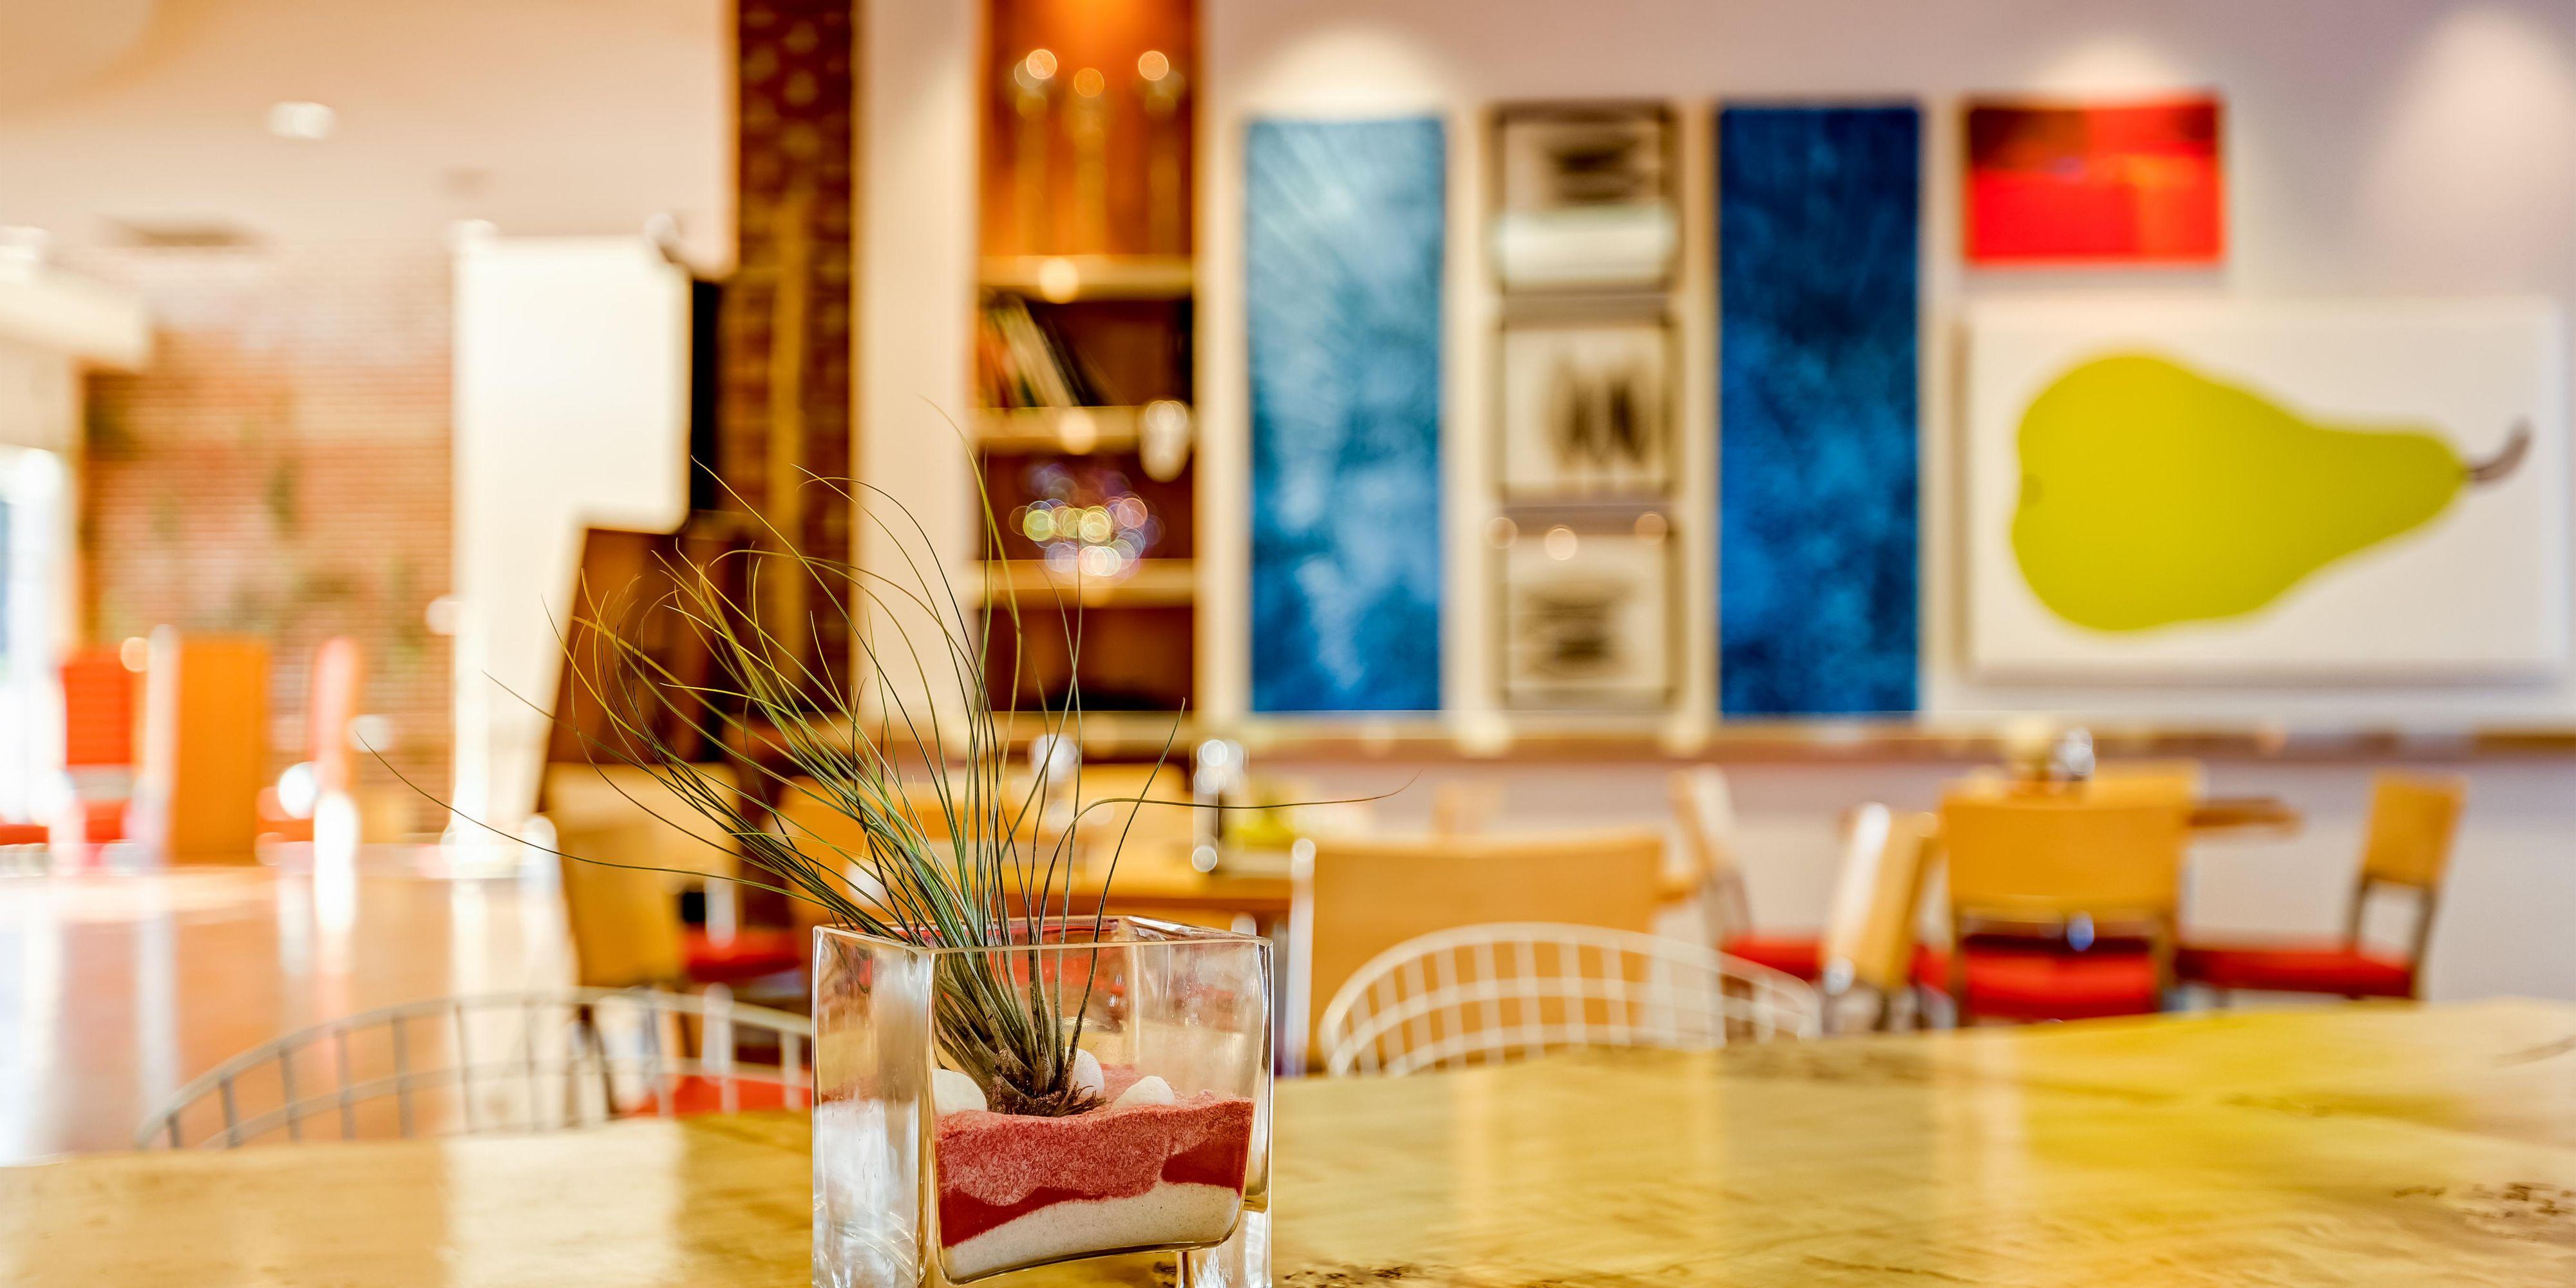 Hotel Indigo Columbus Architectural Center image 3